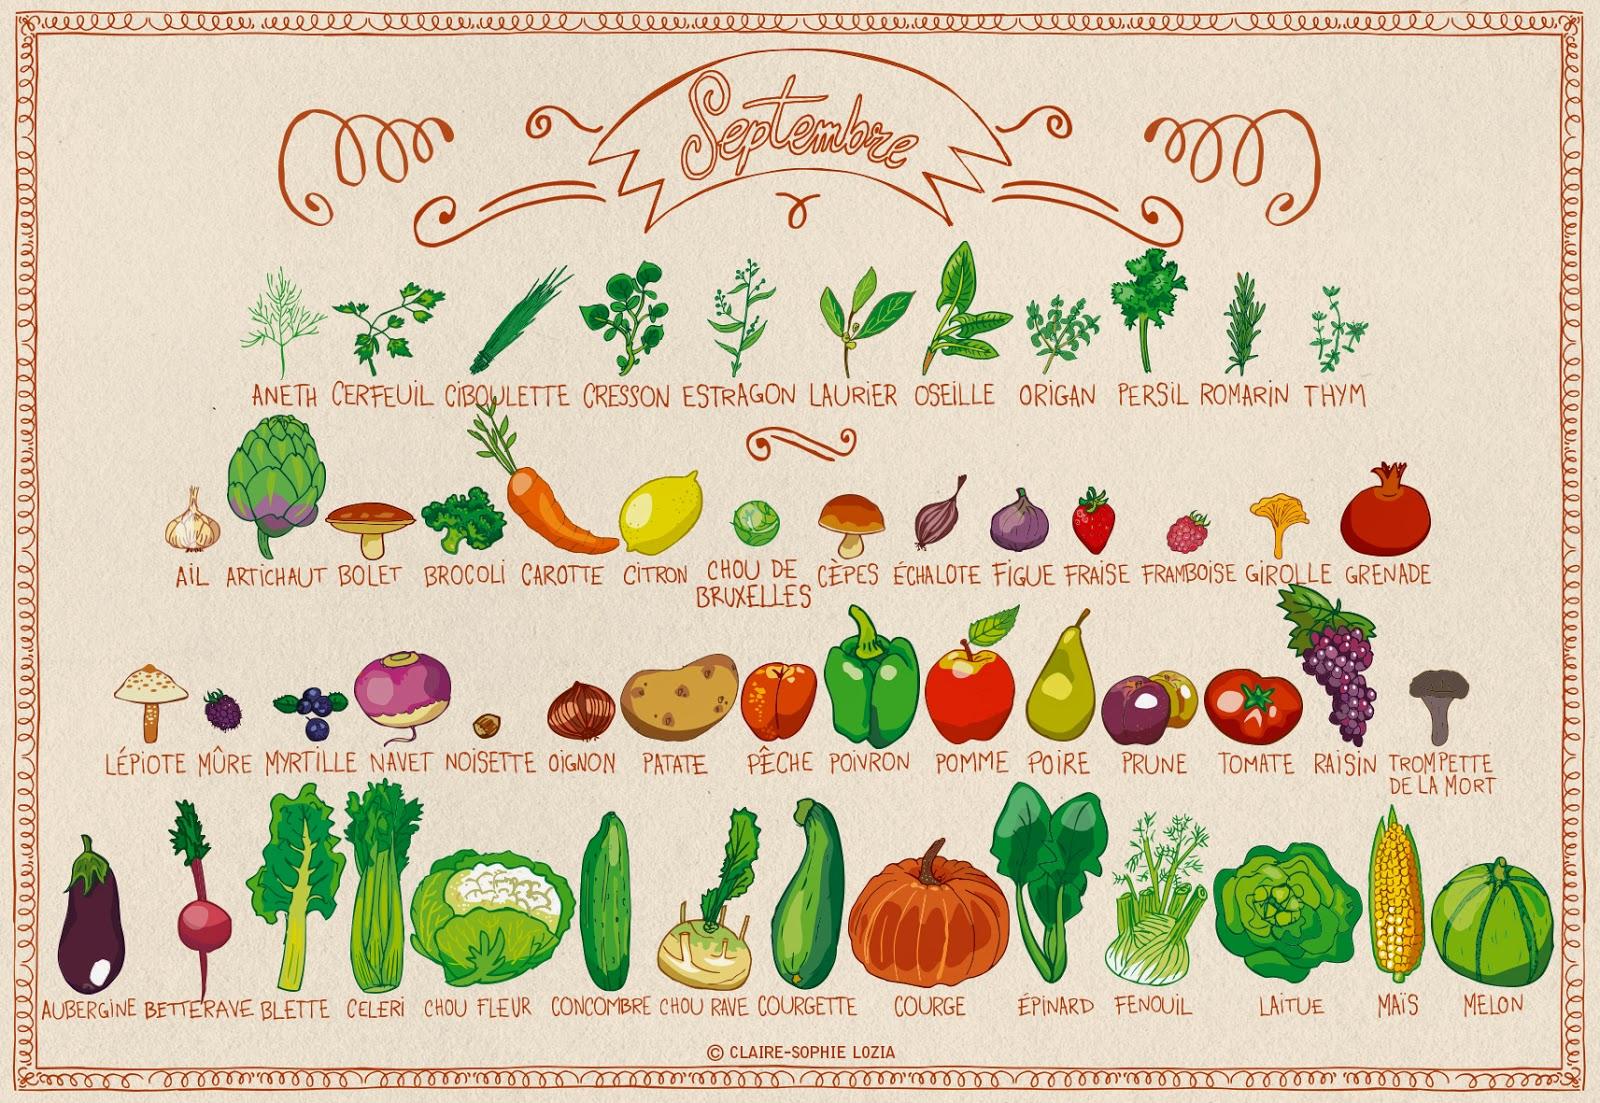 Calendrier fruits et légumes de septembre